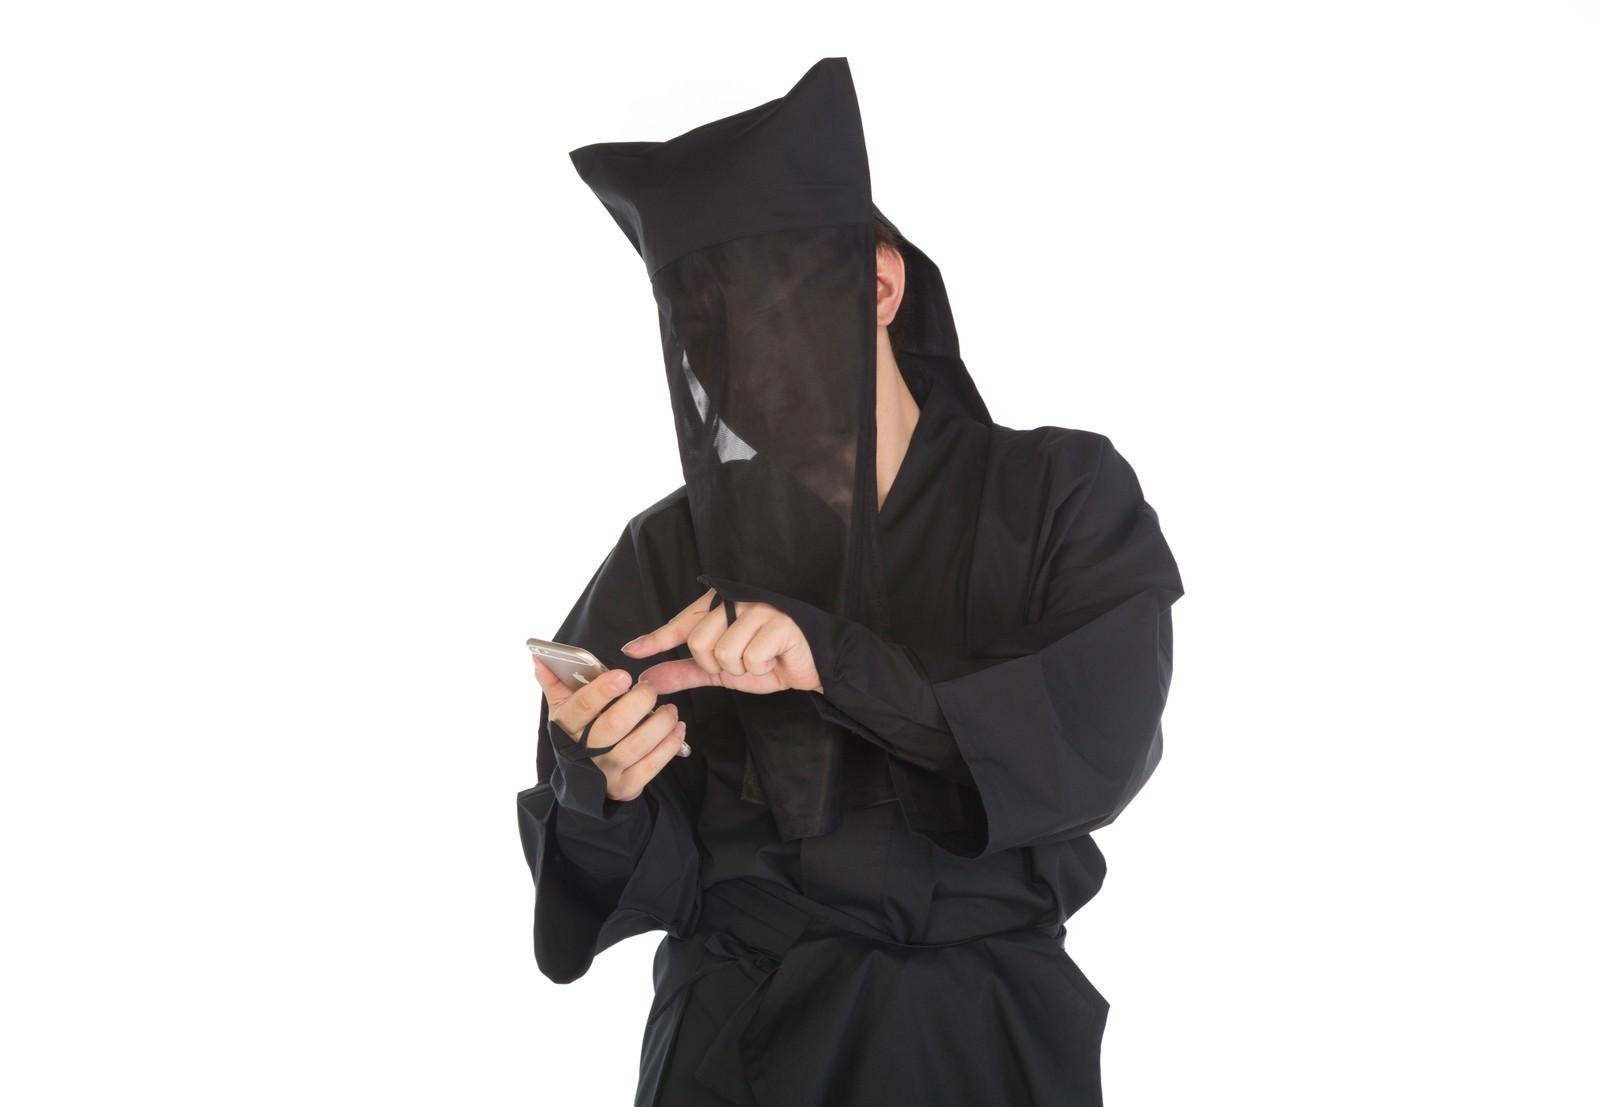 「ピンチアウト黒子」の写真[モデル:鈴木秀]